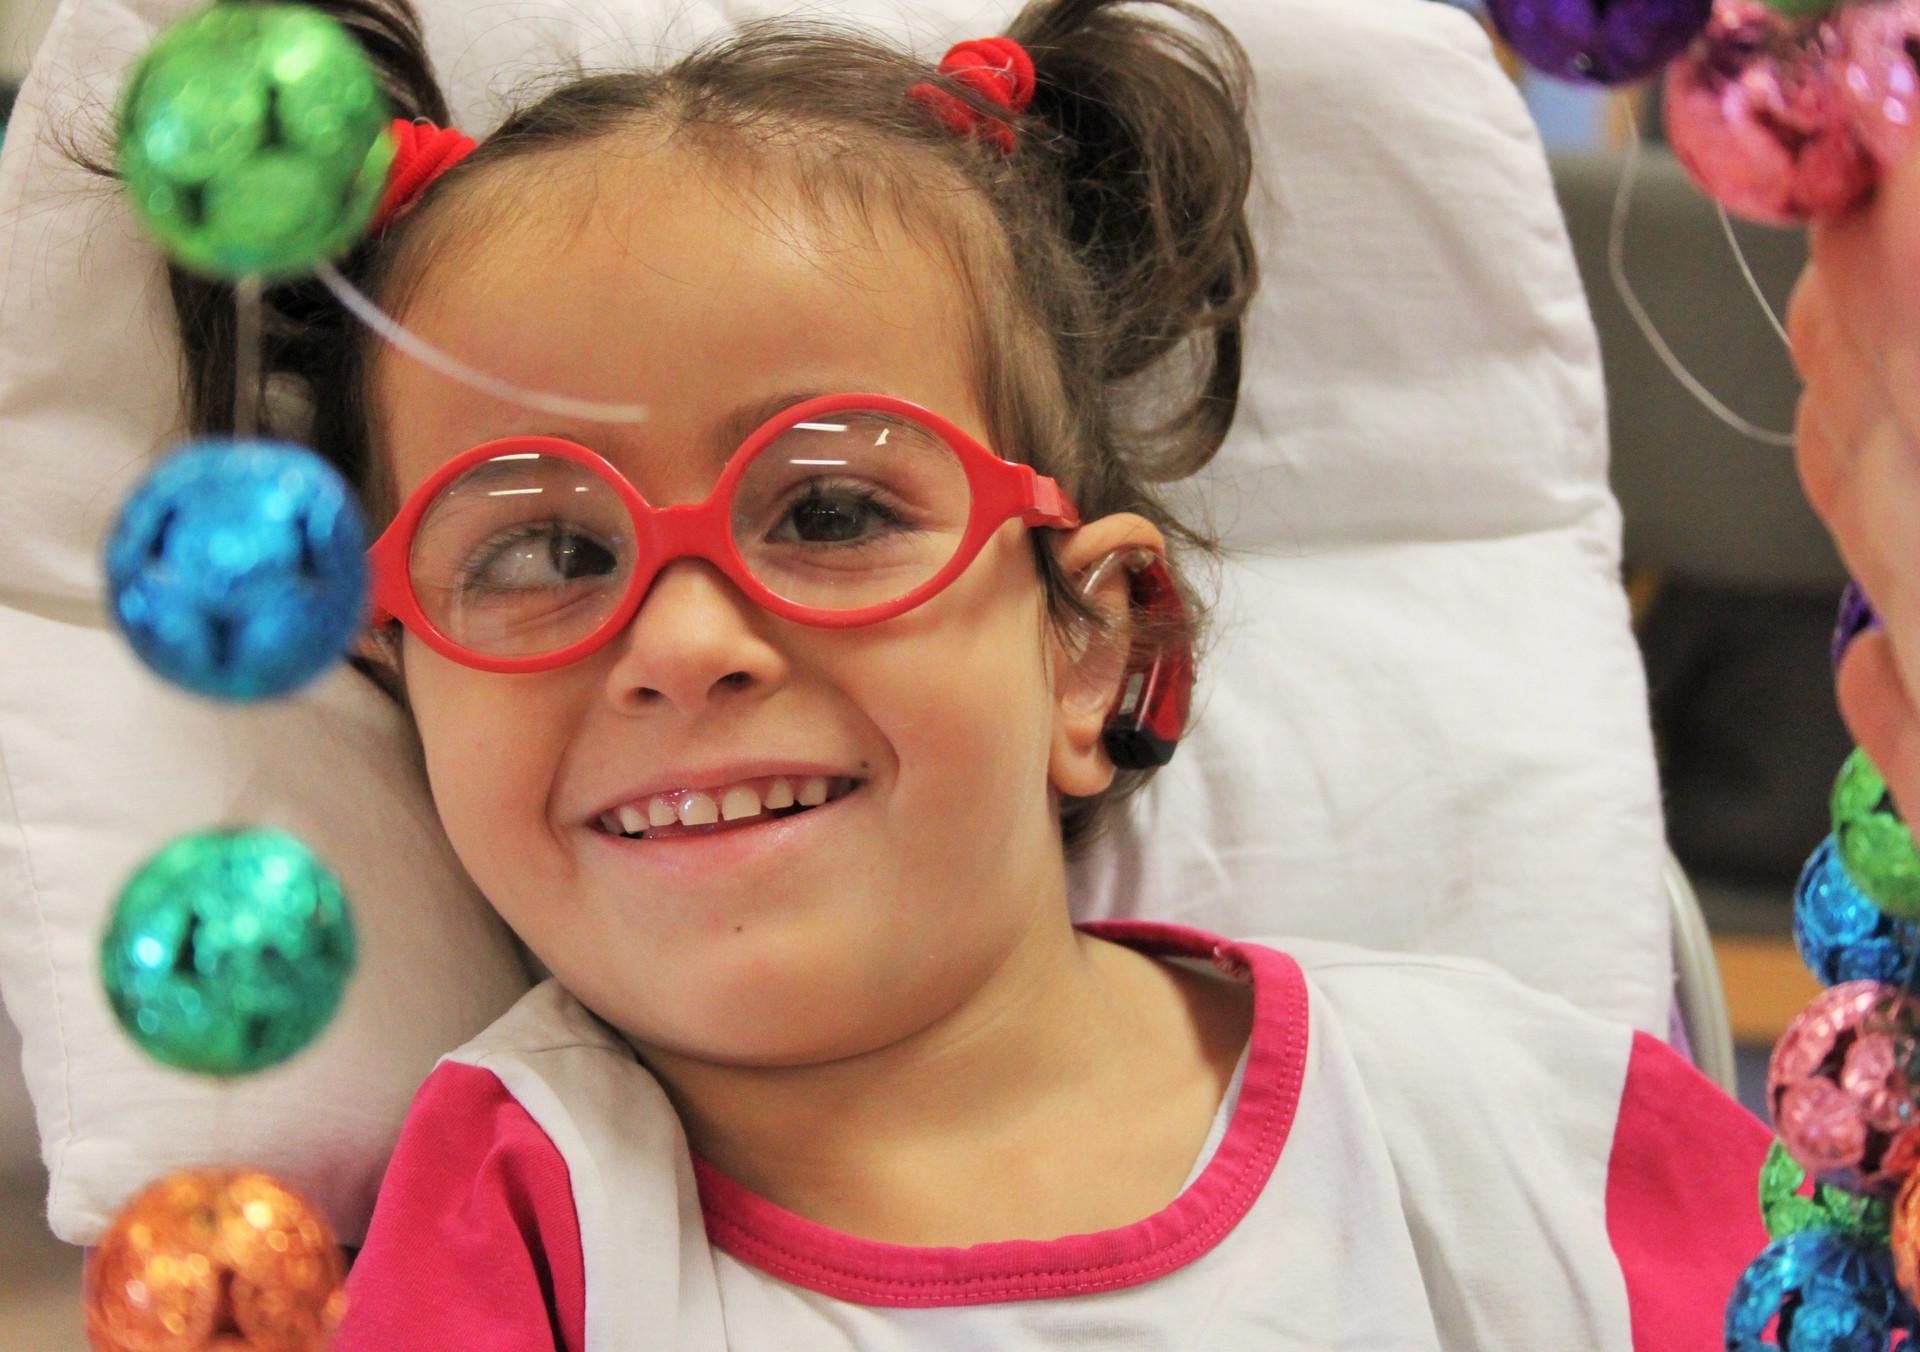 La piccola sofia sorride mentre con l'educatrice svolge un'attività di stimolazione sensoriale: toccare un telaio con appesi tanti sonagli colorati